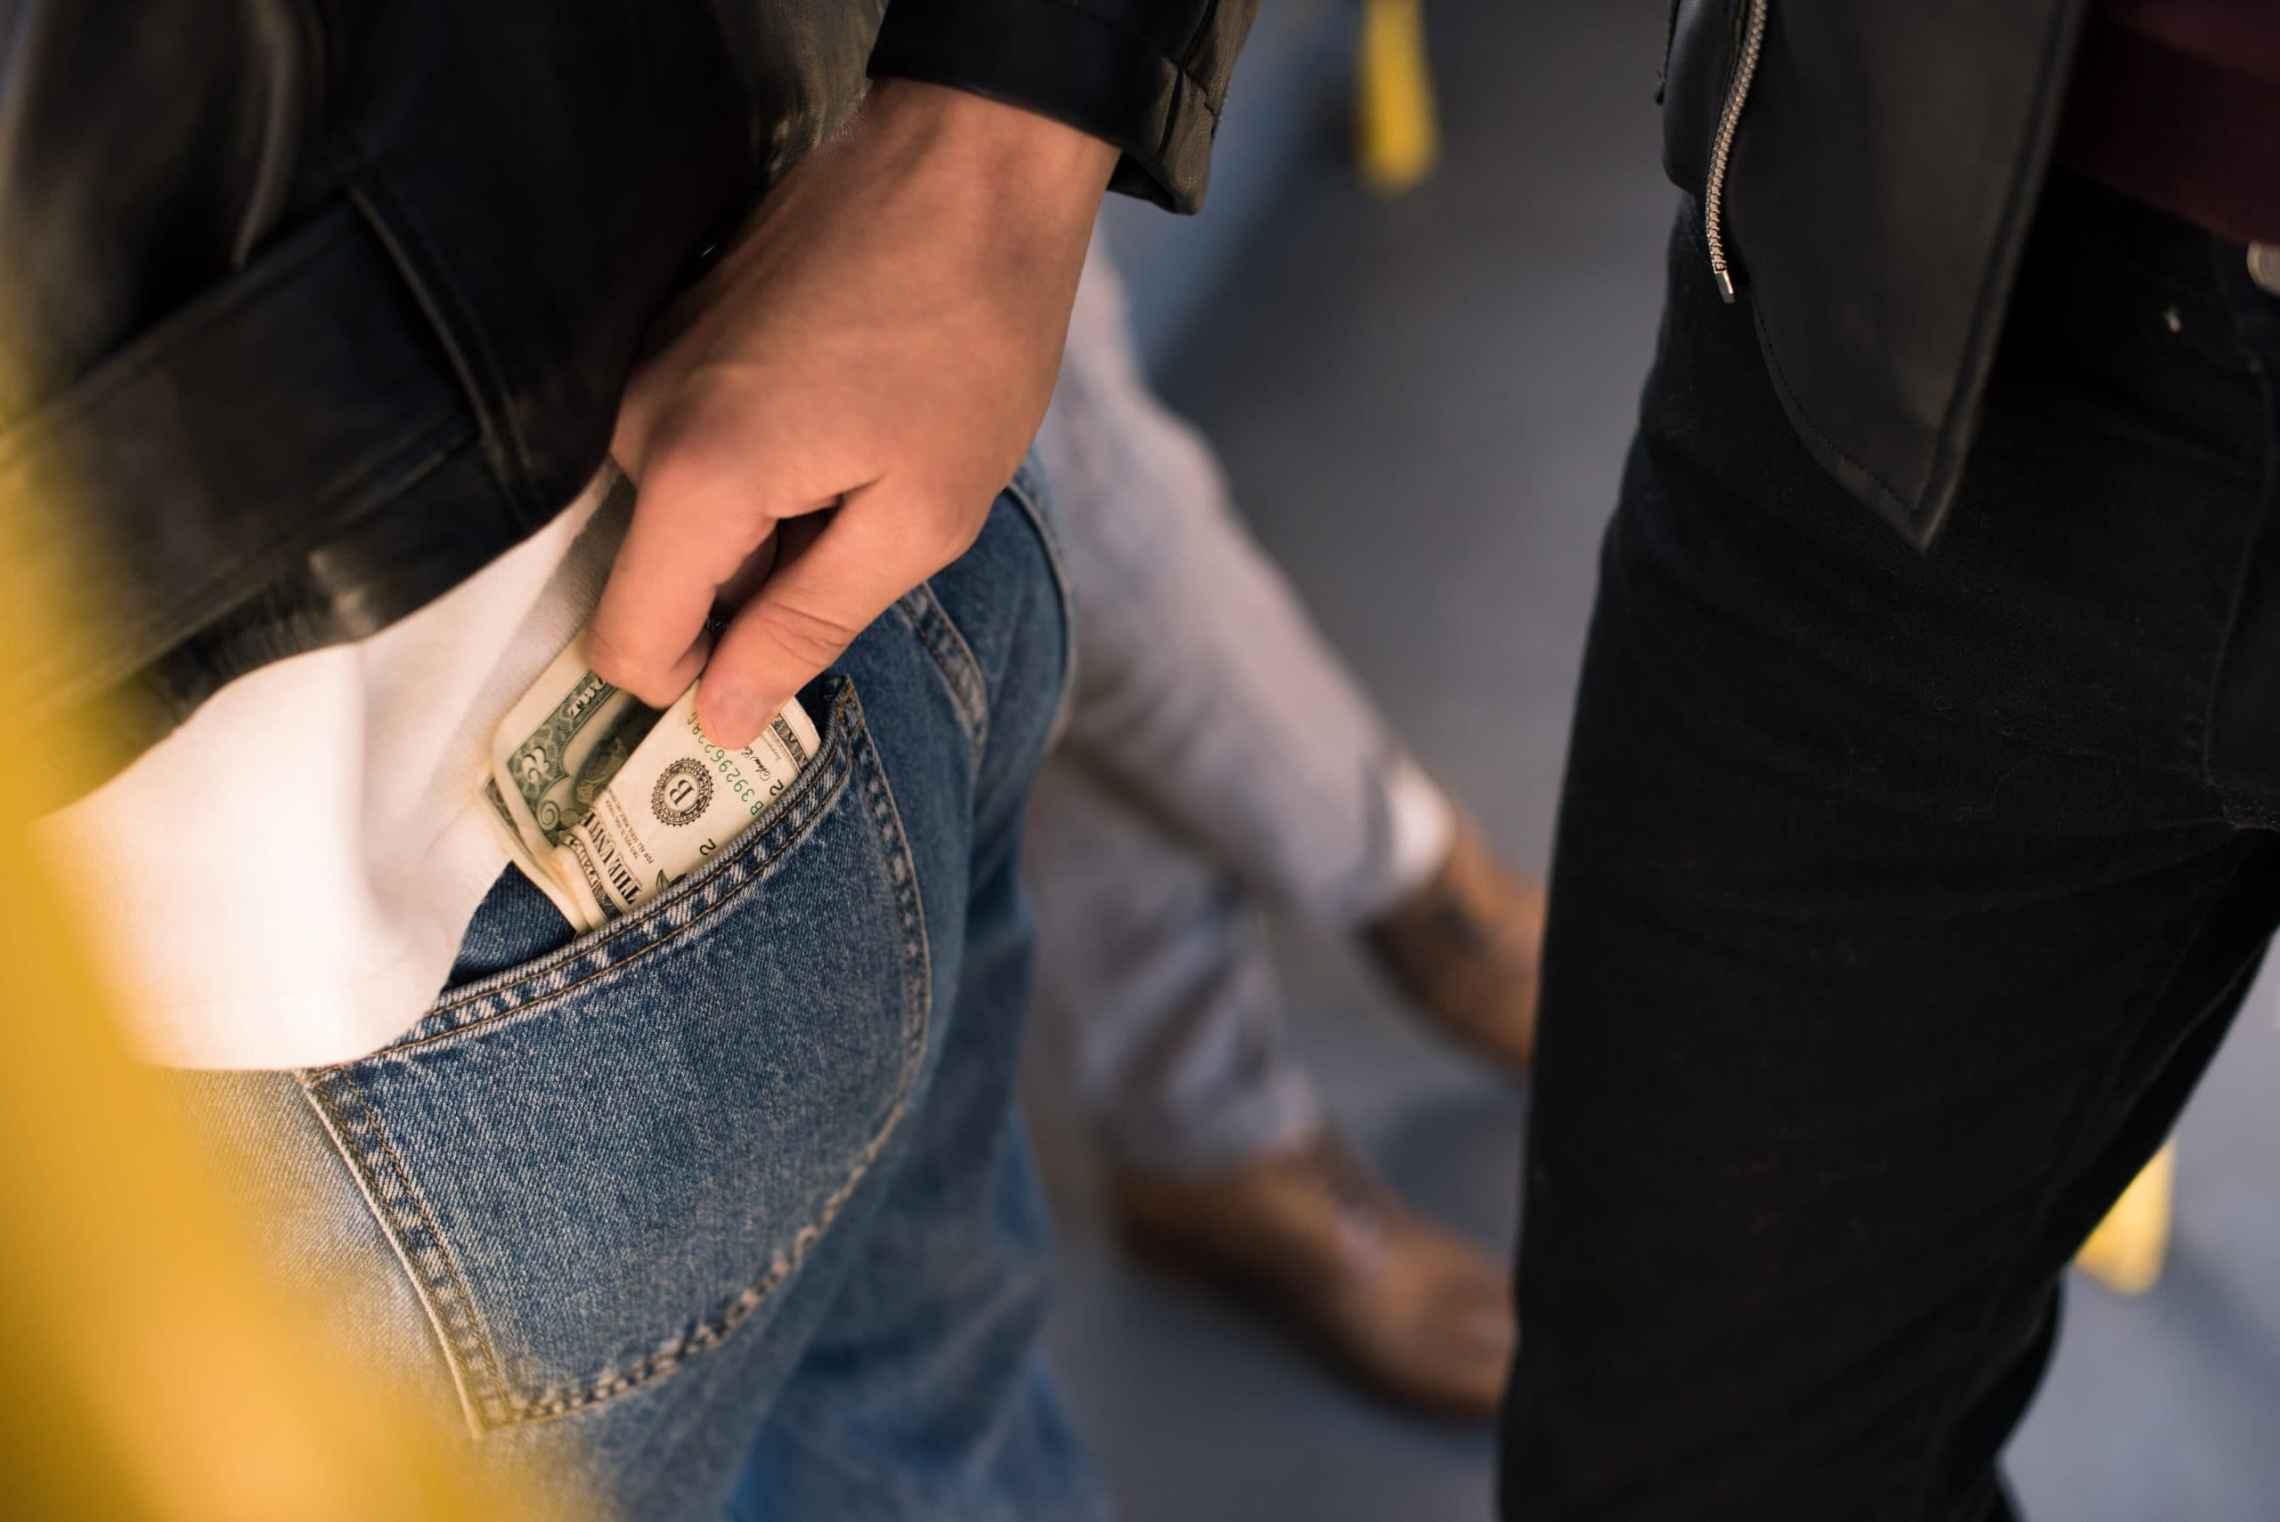 Diyanet'in dergisinde 'cimri koca' fetvası: Kadınlar kendilerine para vermeyen eşlerinin cebinden gizlice para alabilir!